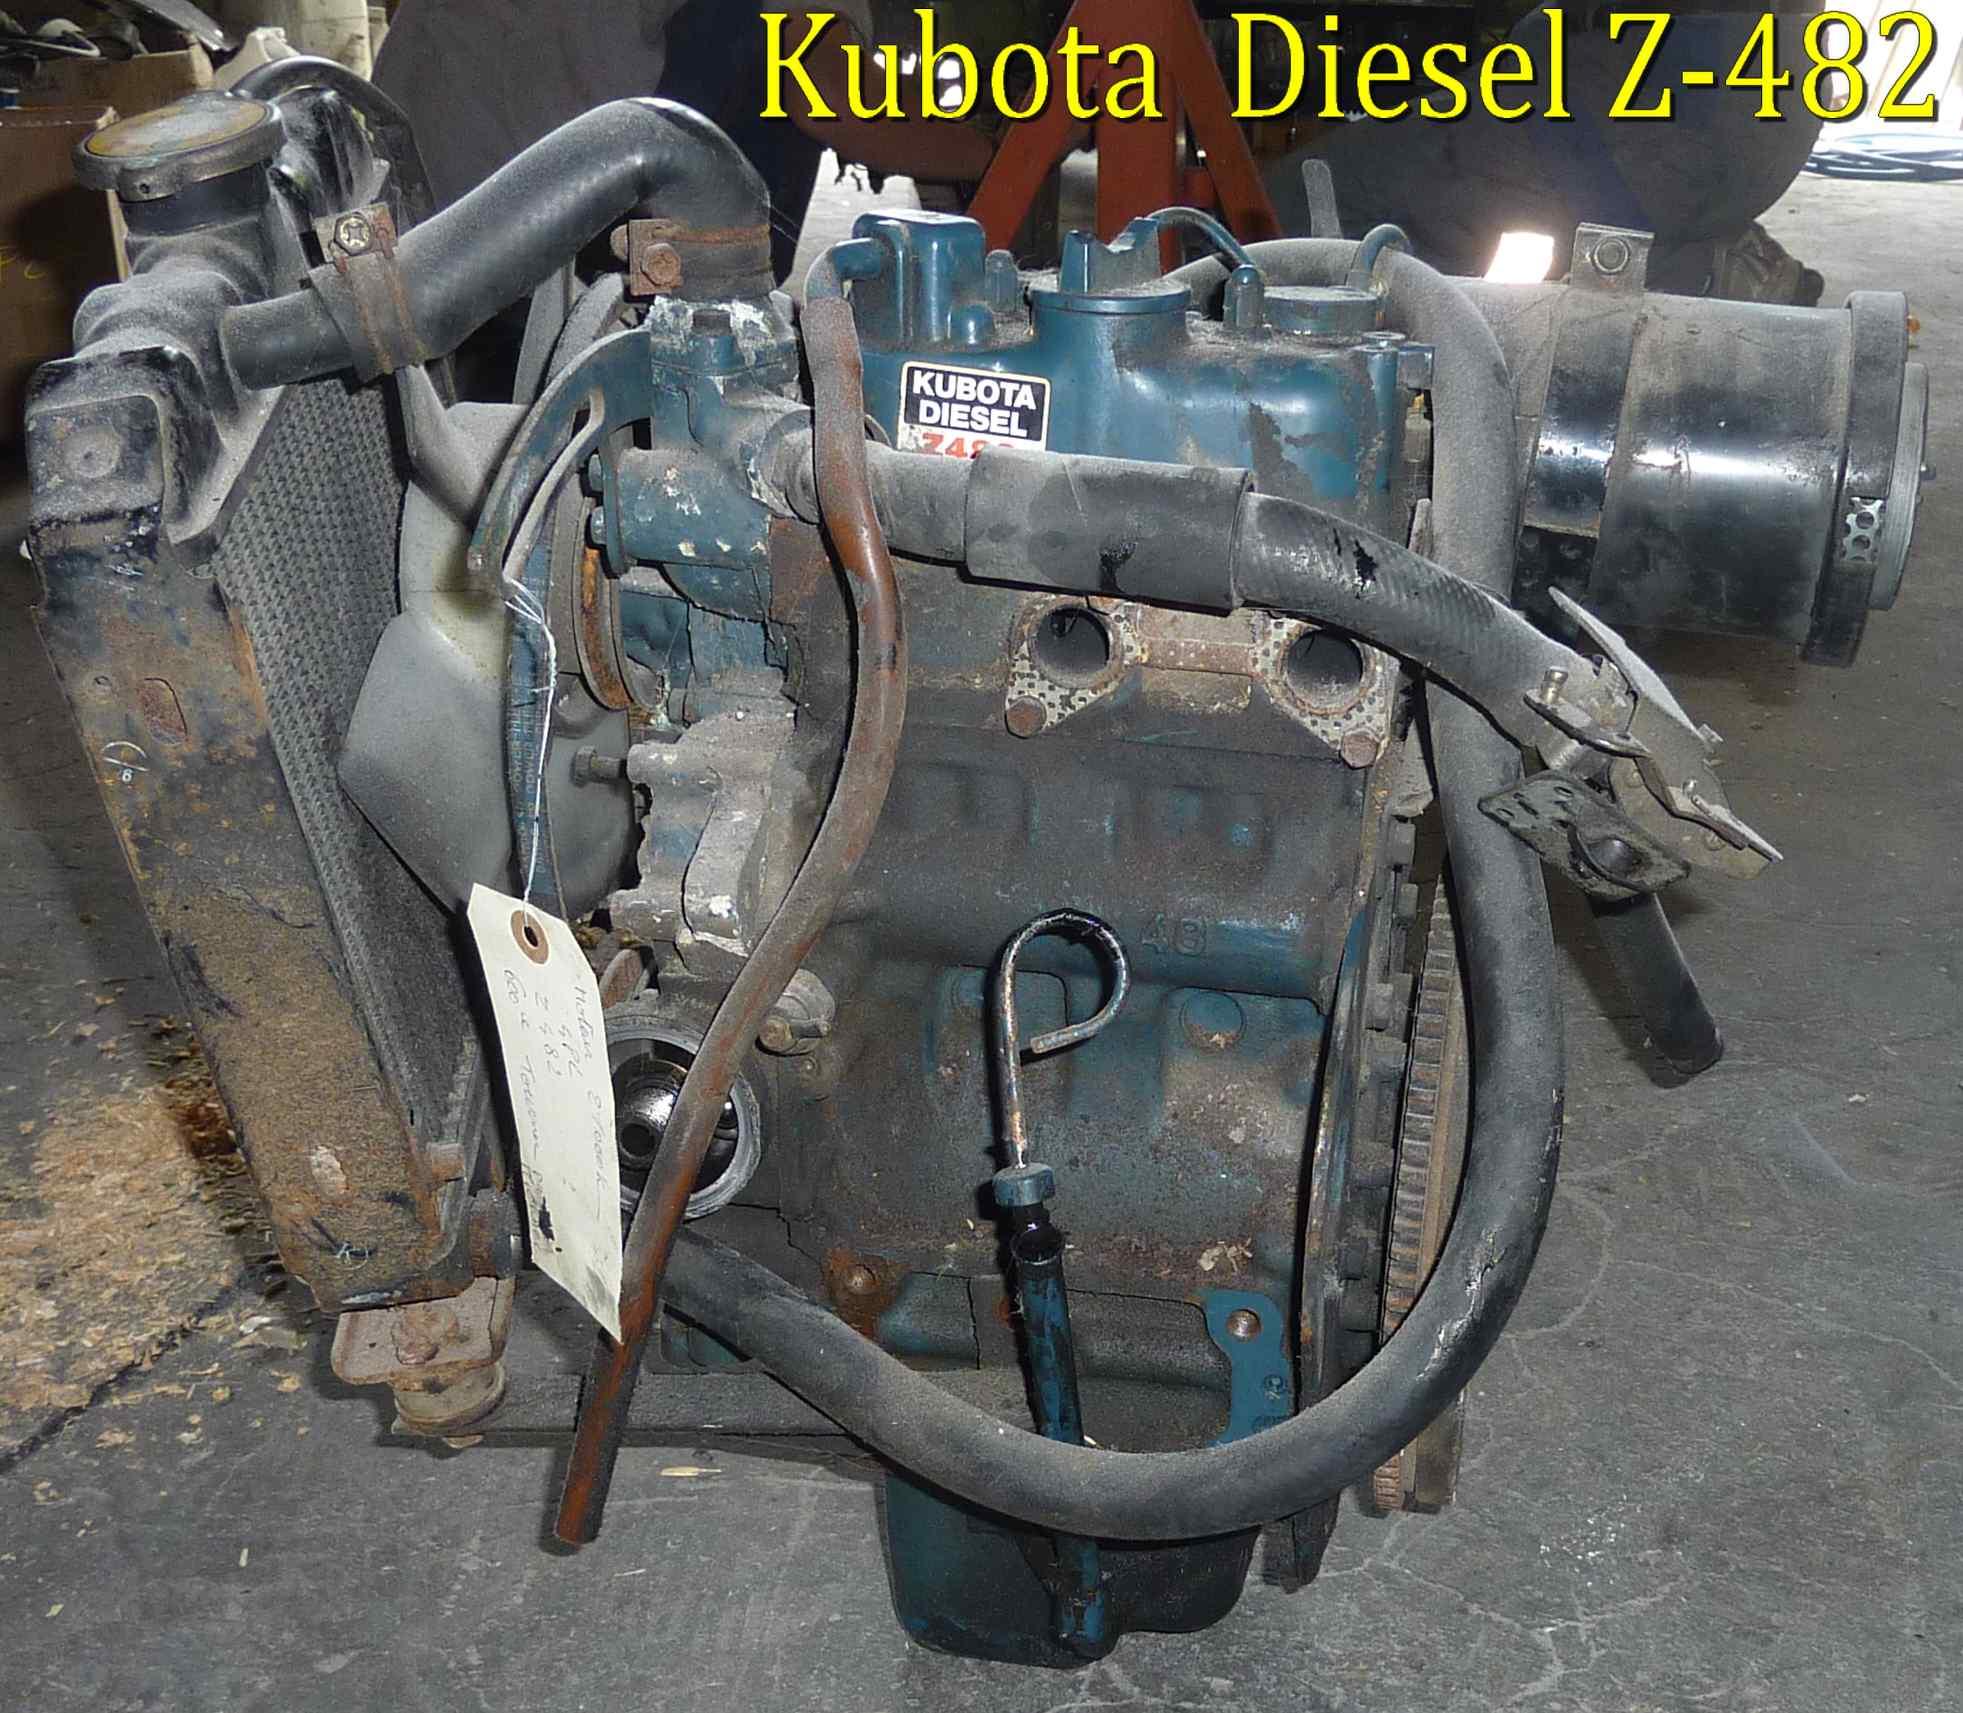 moteur kubota diesel z 482 aixam 550 4 places piece detachee voiture sans permis neuf et. Black Bedroom Furniture Sets. Home Design Ideas